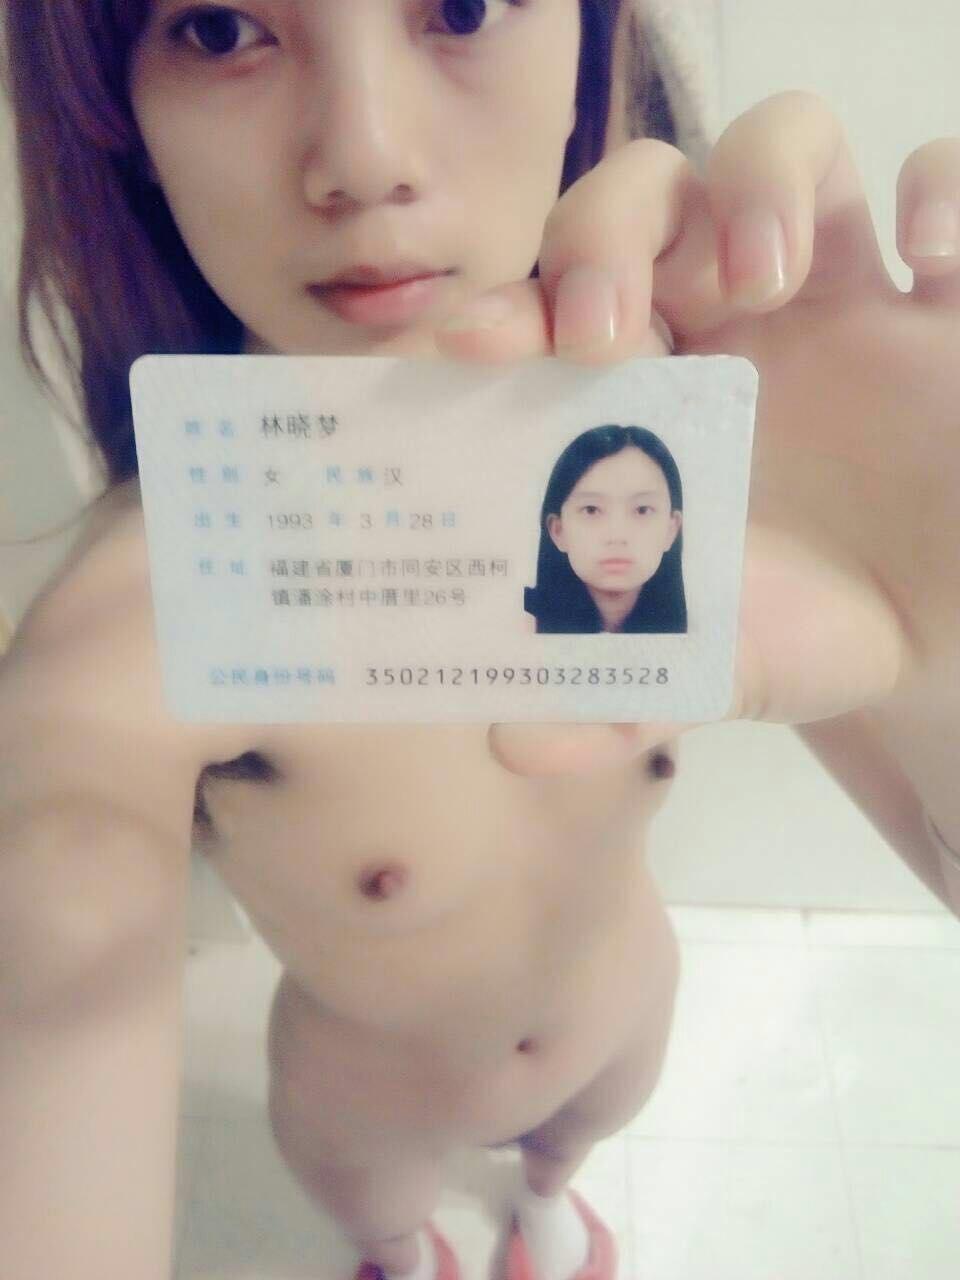 【借金地獄】全裸写真を担保された女の流出画像がヤバすぎた・・・(24名)・23枚目